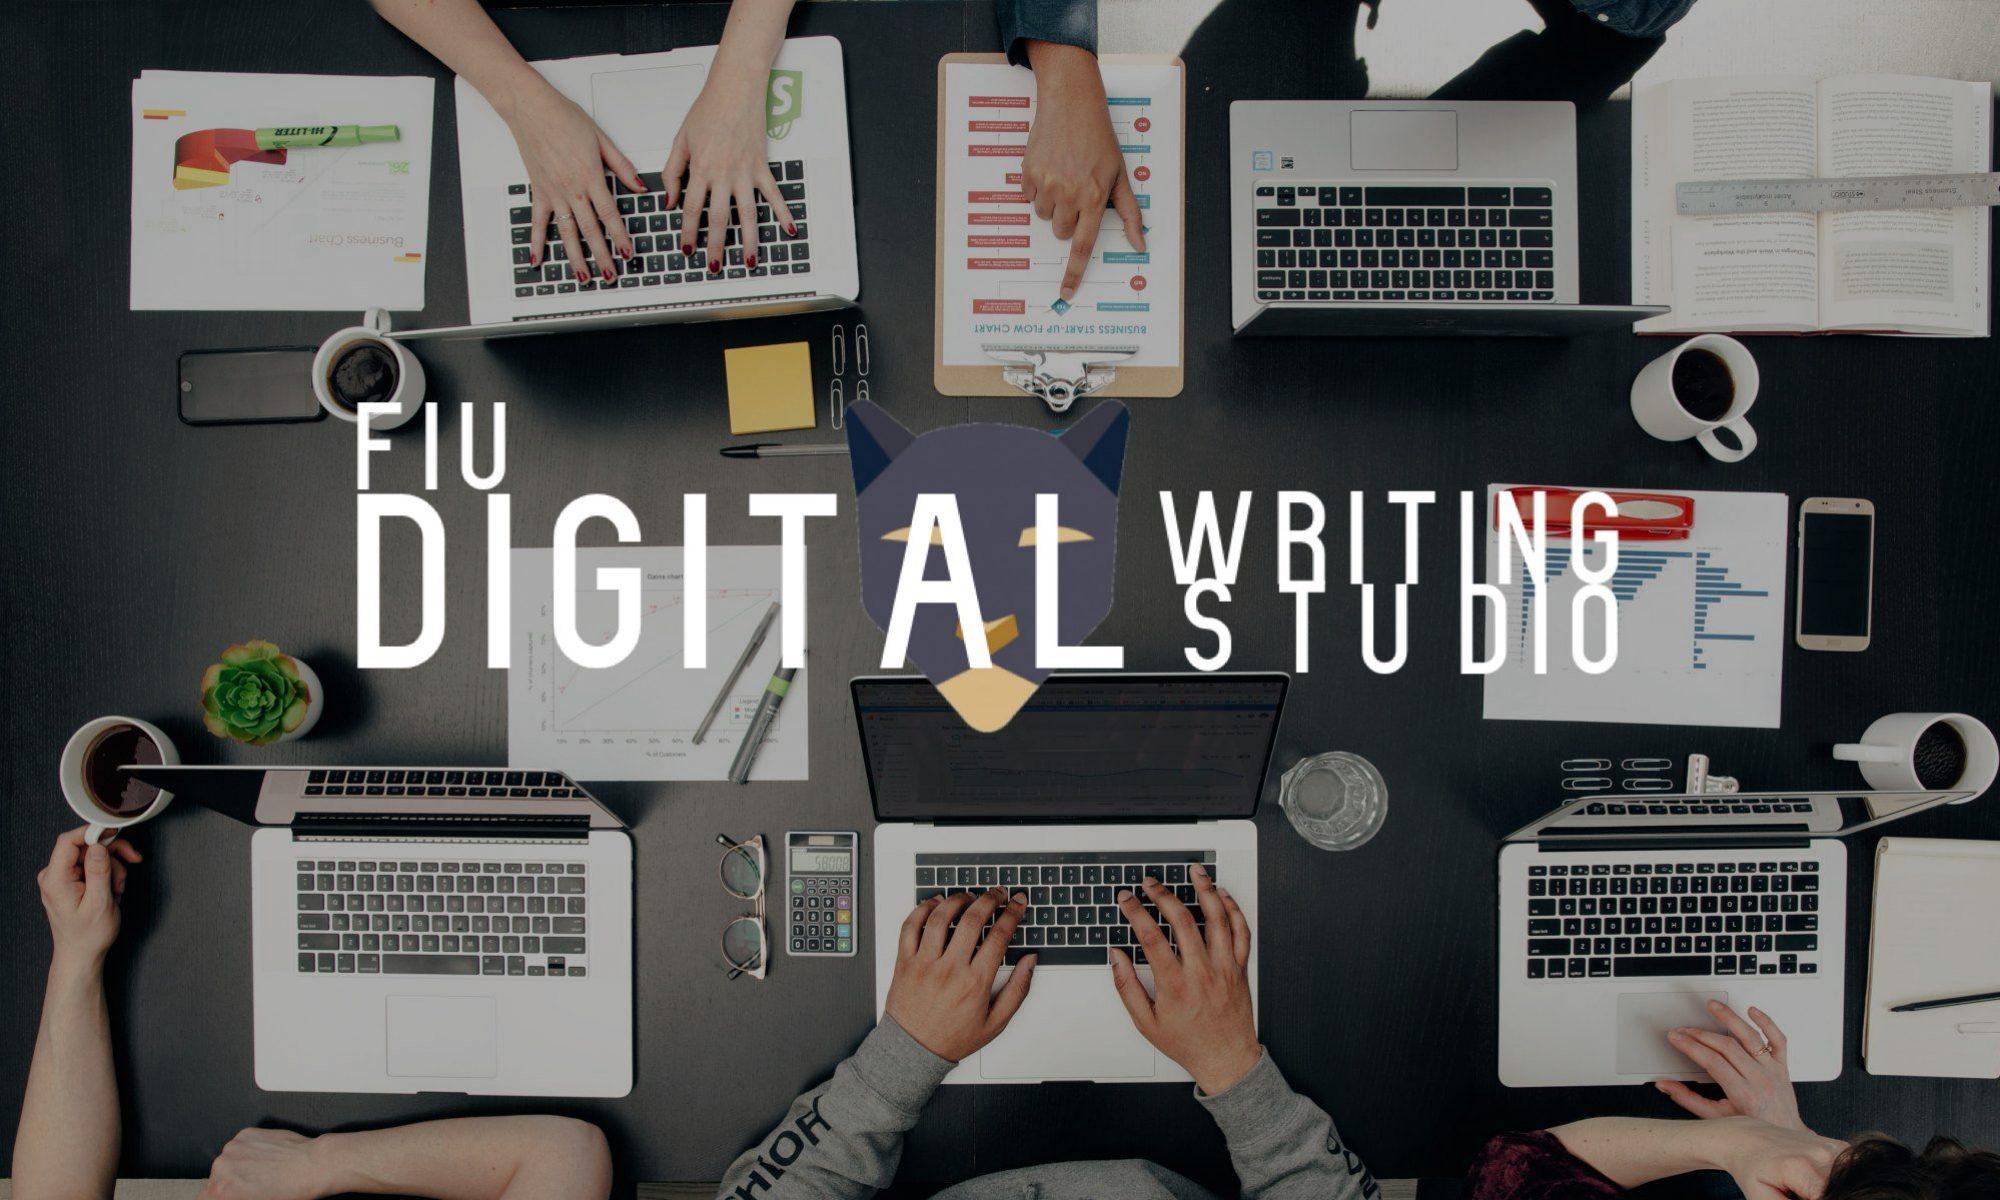 FIU Digital Writing Studio